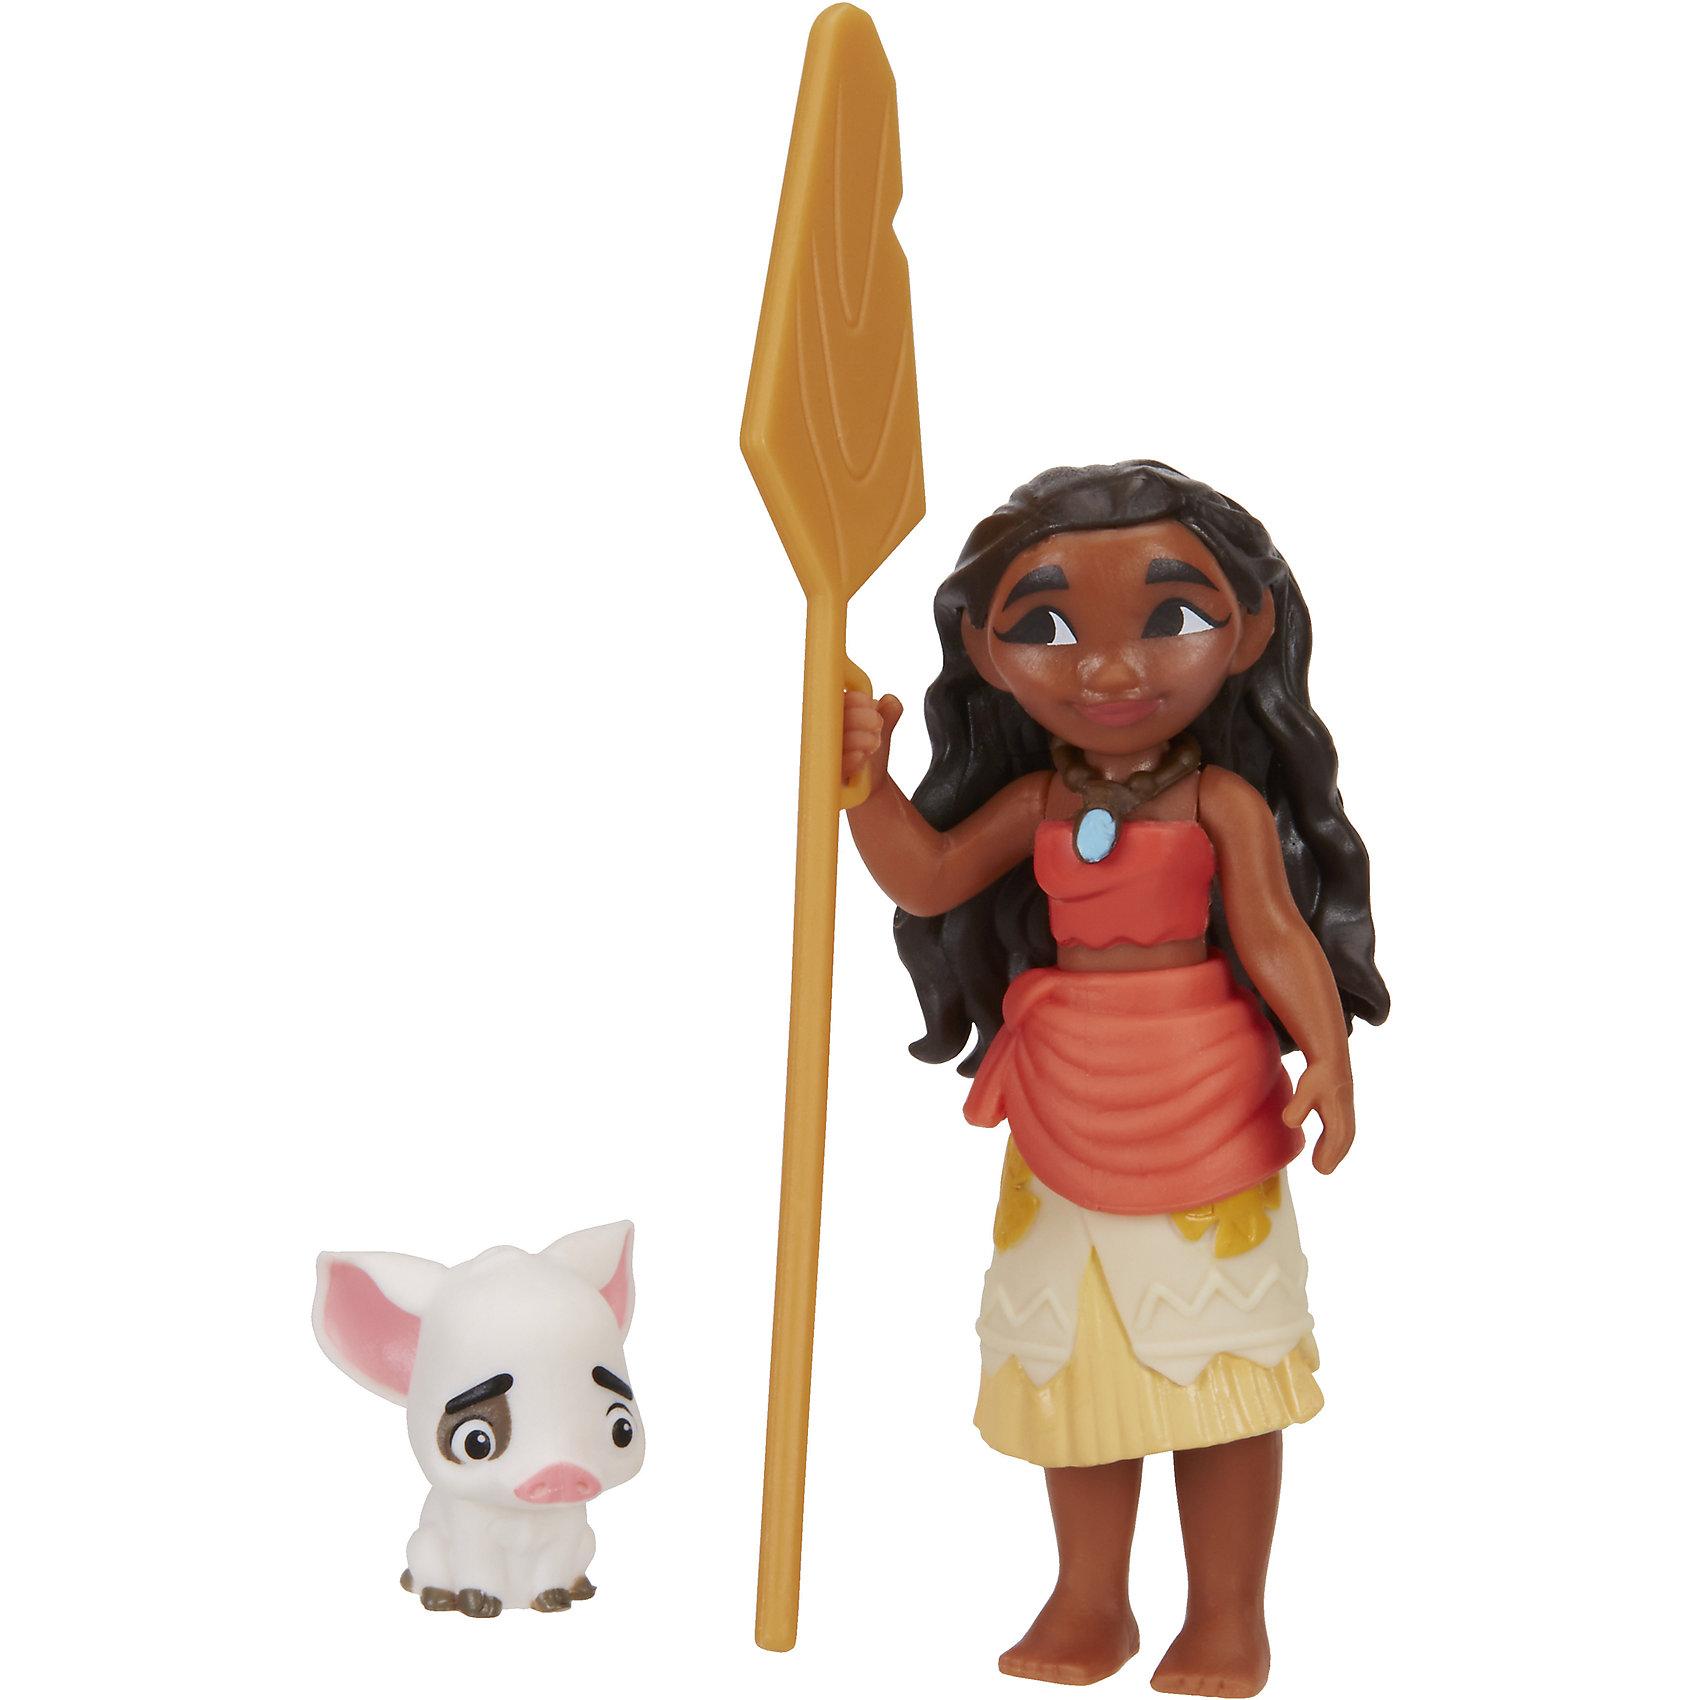 Маленькие куклы Моана Океания и Пуа, МоанаИгрушки<br>Маленькие куклы Моана, Hasbro (Хасбро)<br><br>Характеристики: <br><br>• маленькие копии любимых героев<br>• высокая детализация<br>• материал: пластик<br>• размер упаковки: 15х6х12,5 см<br>• в комплекте: Моана, поросенок Пуа<br><br>Набор от Хасбро содержит точную копию героини мультфильма Моана и ее поросенка. Девушка одета в национальный костюм и держит в руках весло для лодки. С этими игрушками ребенок сможет придумать интересный сюжет для новых приключений.<br><br>Маленькие куклы Моана, Hasbro (Хасбро) вы можете купить в нашем интернет-магазине.<br><br>Ширина мм: 57<br>Глубина мм: 127<br>Высота мм: 152<br>Вес г: 62<br>Возраст от месяцев: 36<br>Возраст до месяцев: 144<br>Пол: Женский<br>Возраст: Детский<br>SKU: 5205211